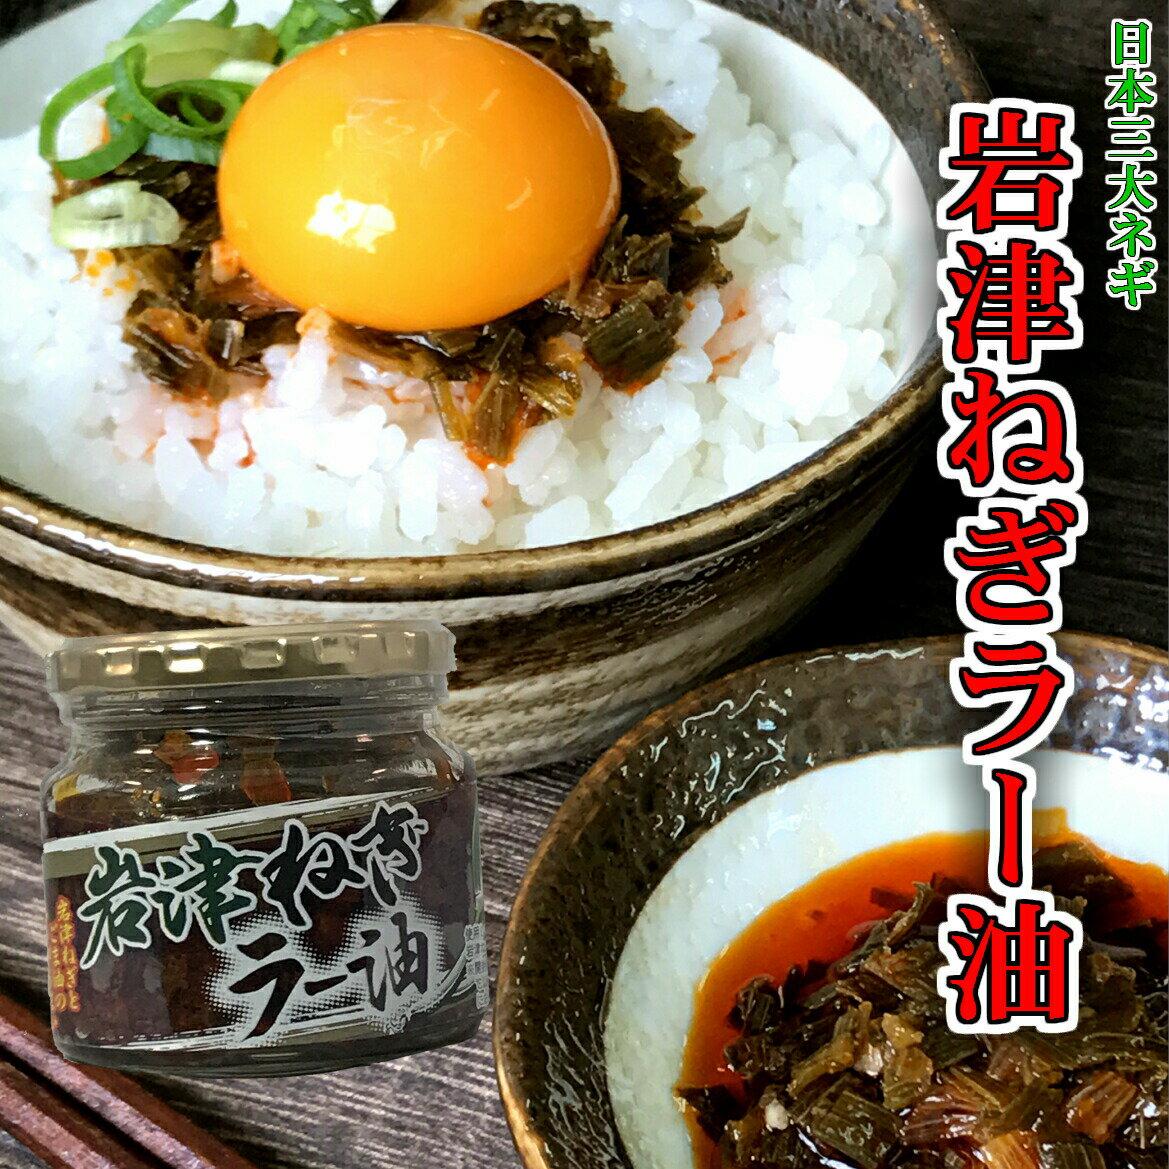 岩津ねぎラー油180g 瓶詰め食べるラー油 惣菜/おかず/ご飯のお供/ご飯のおとも/ごはんのおとも/たべるねぎラー油/兵庫おみやげ/土産